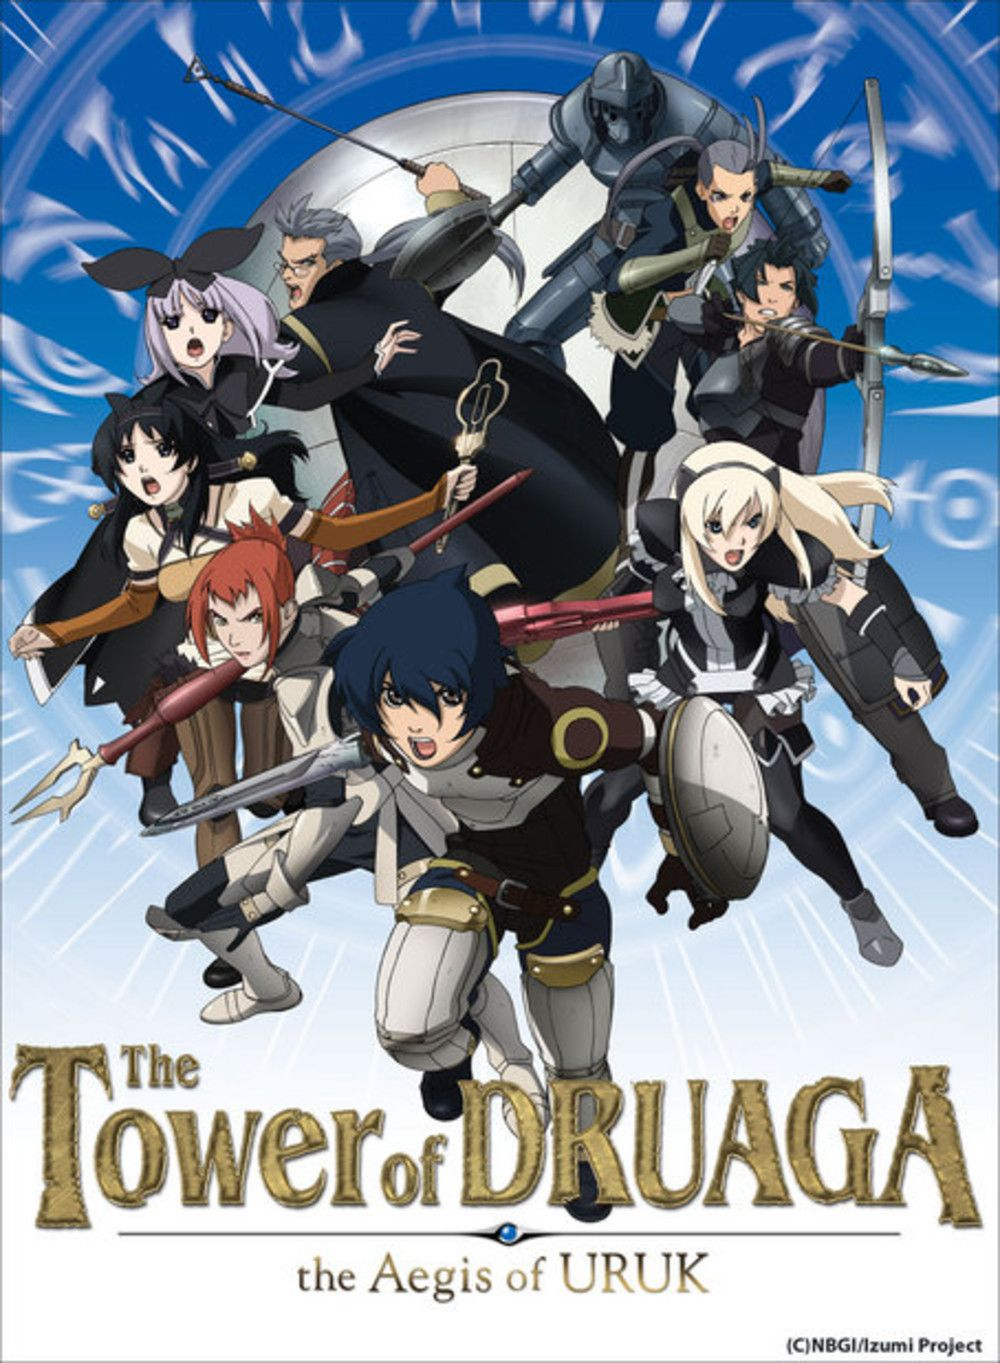 druaga no tou (the tower of druaga) (the aegis of uruk